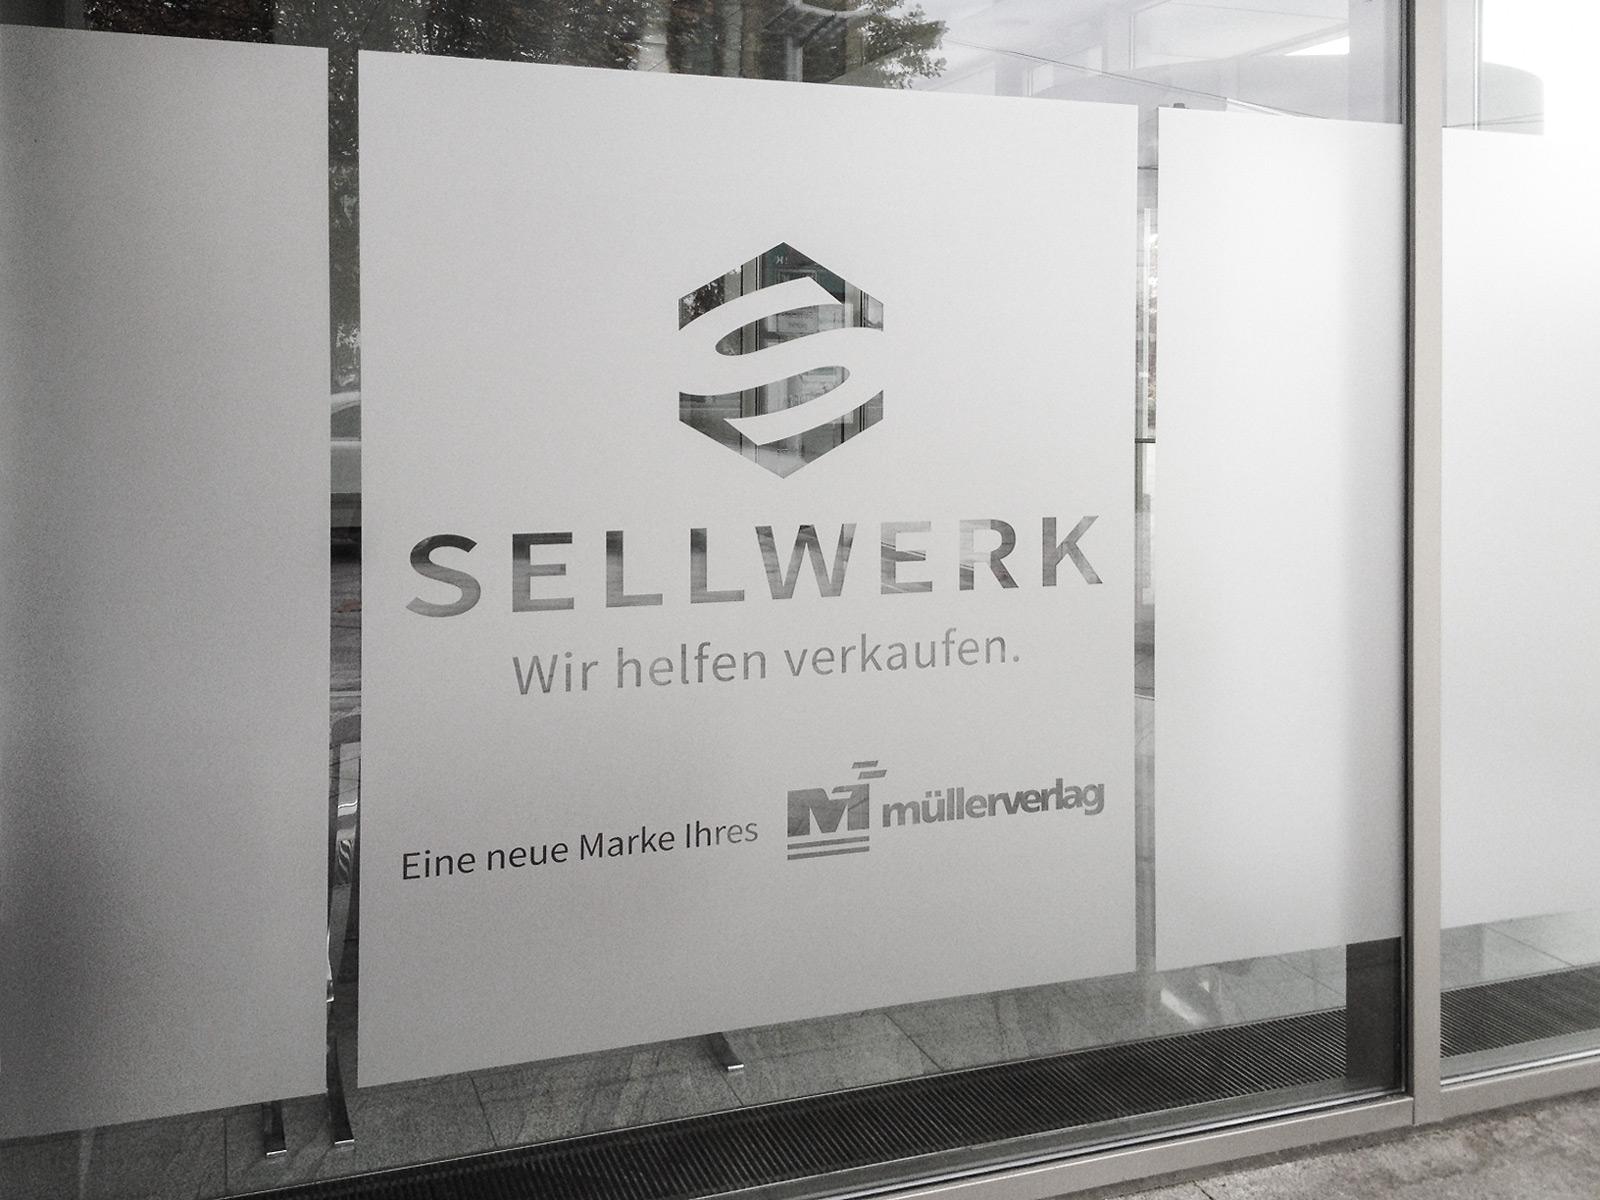 Glasdekorfolierung mit negativem Logo für die Firma Sellwerk